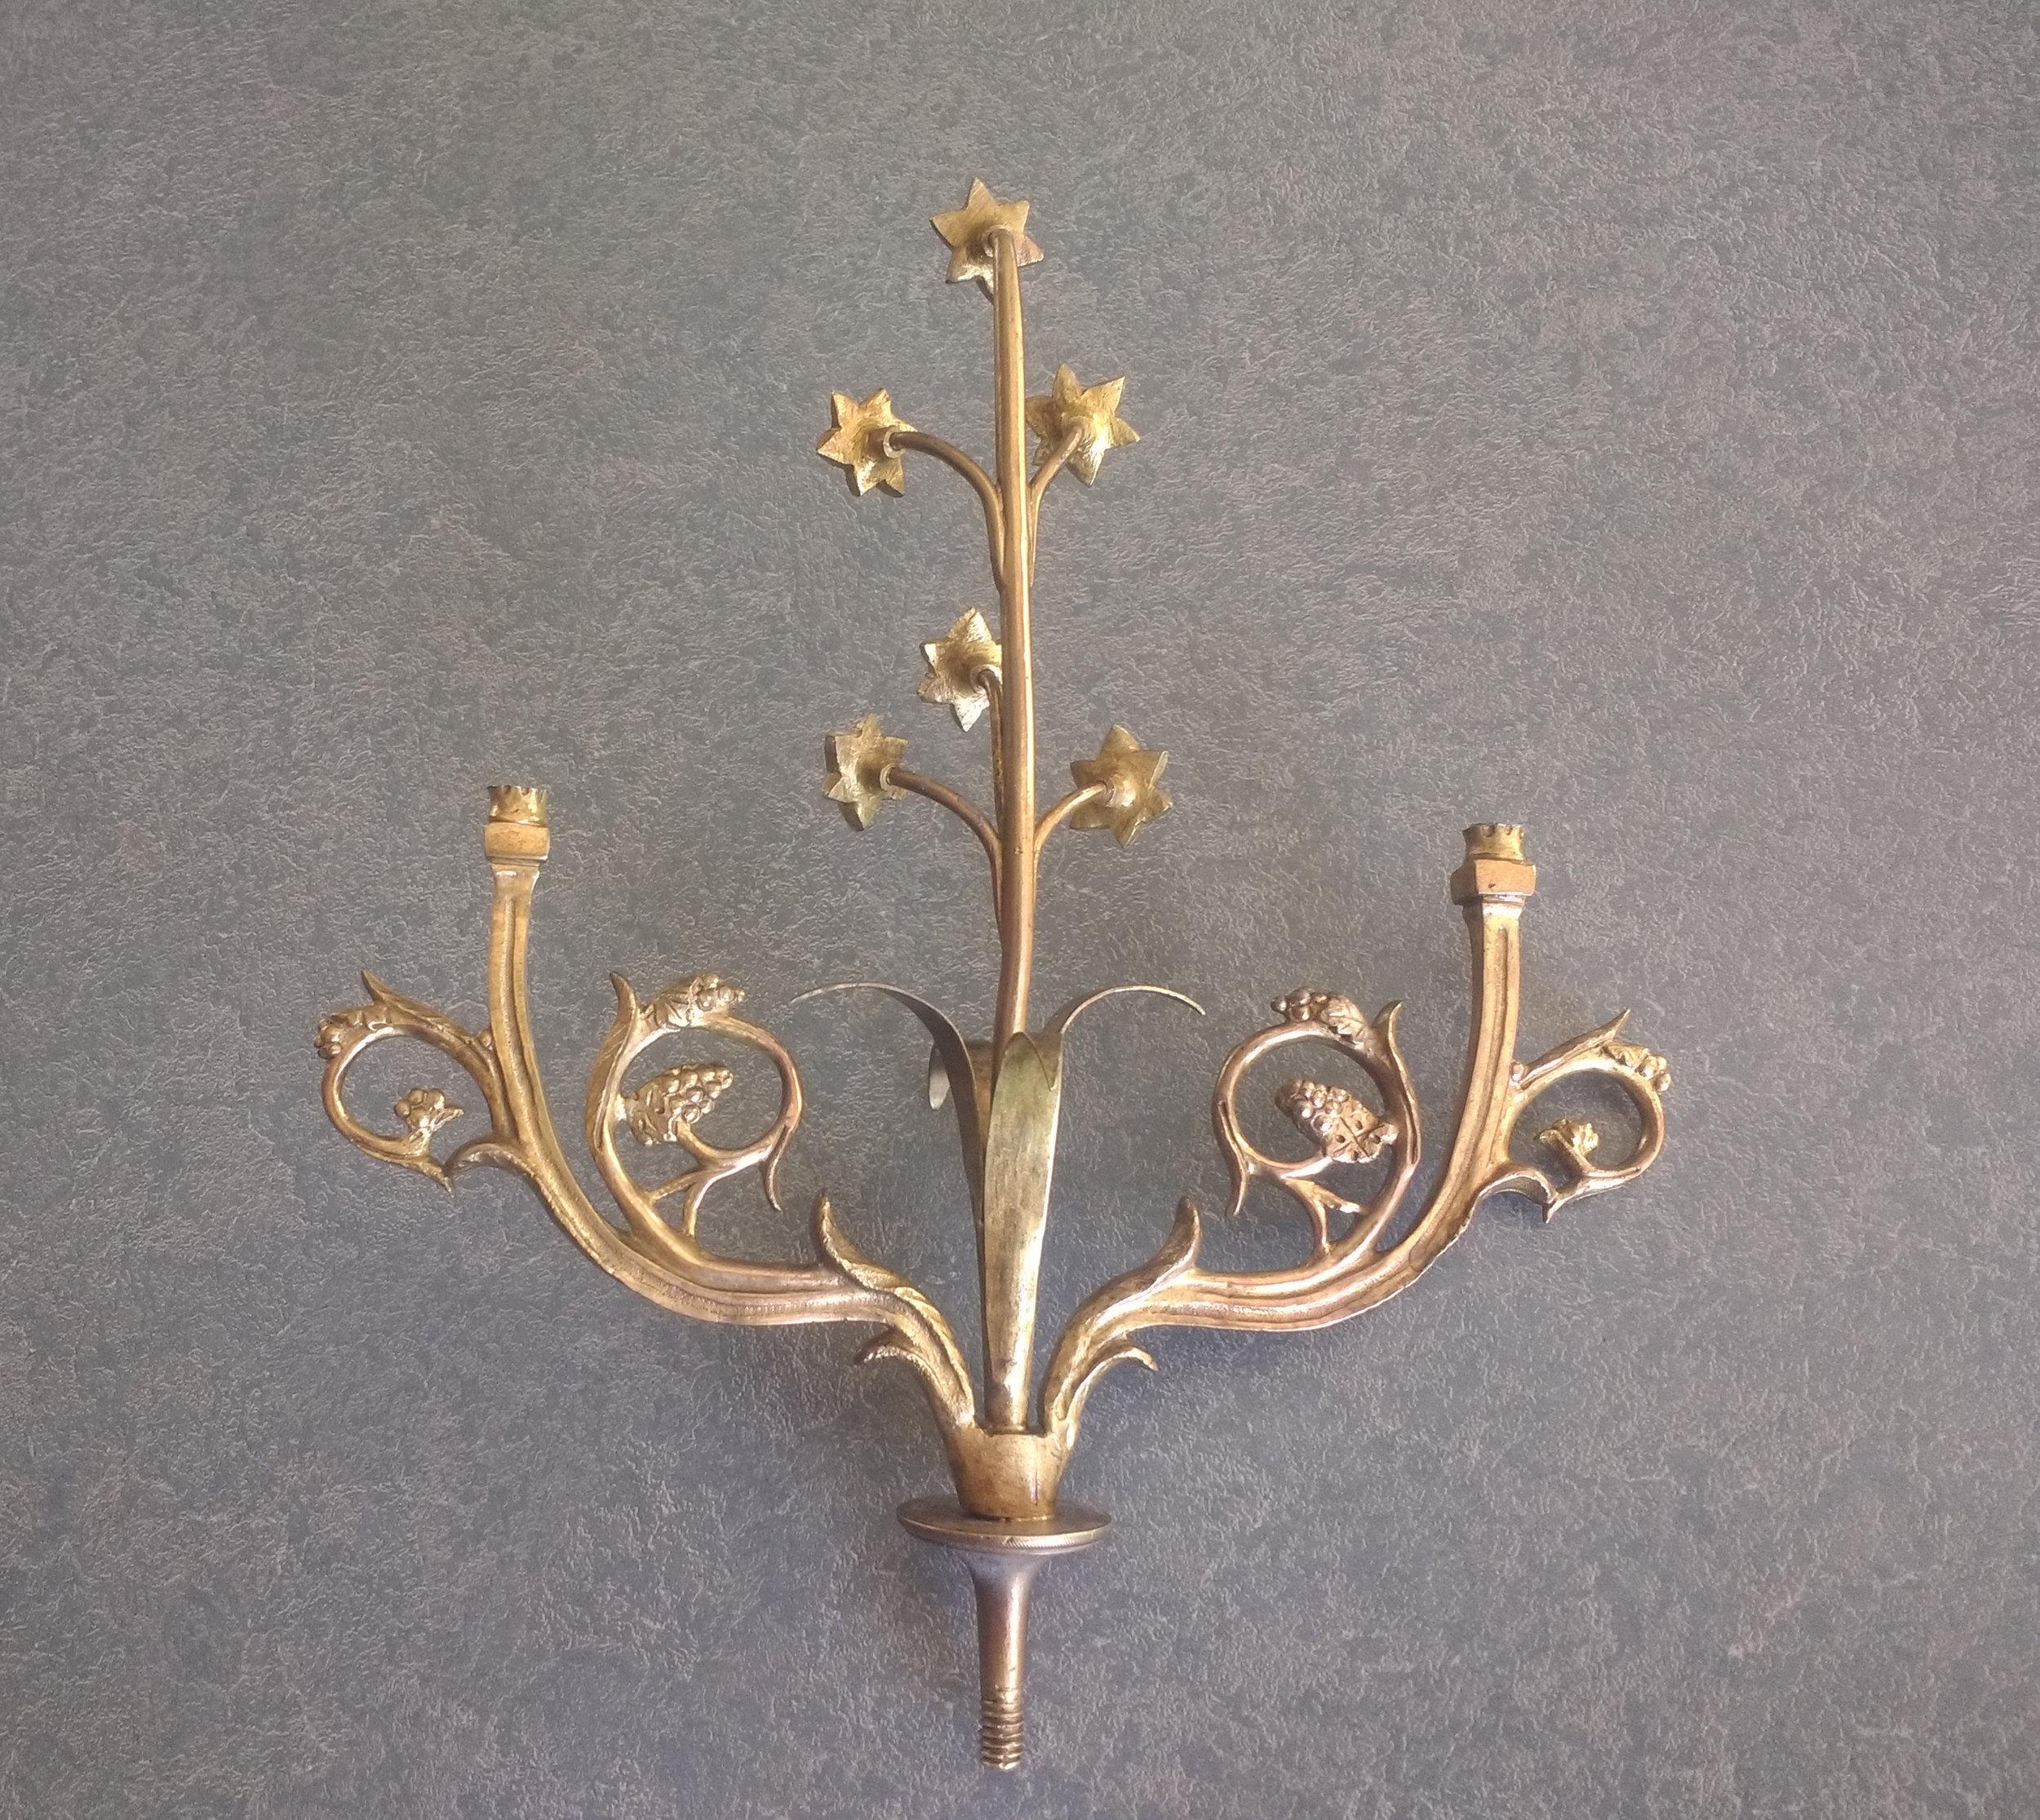 brass-candlestick.jpg